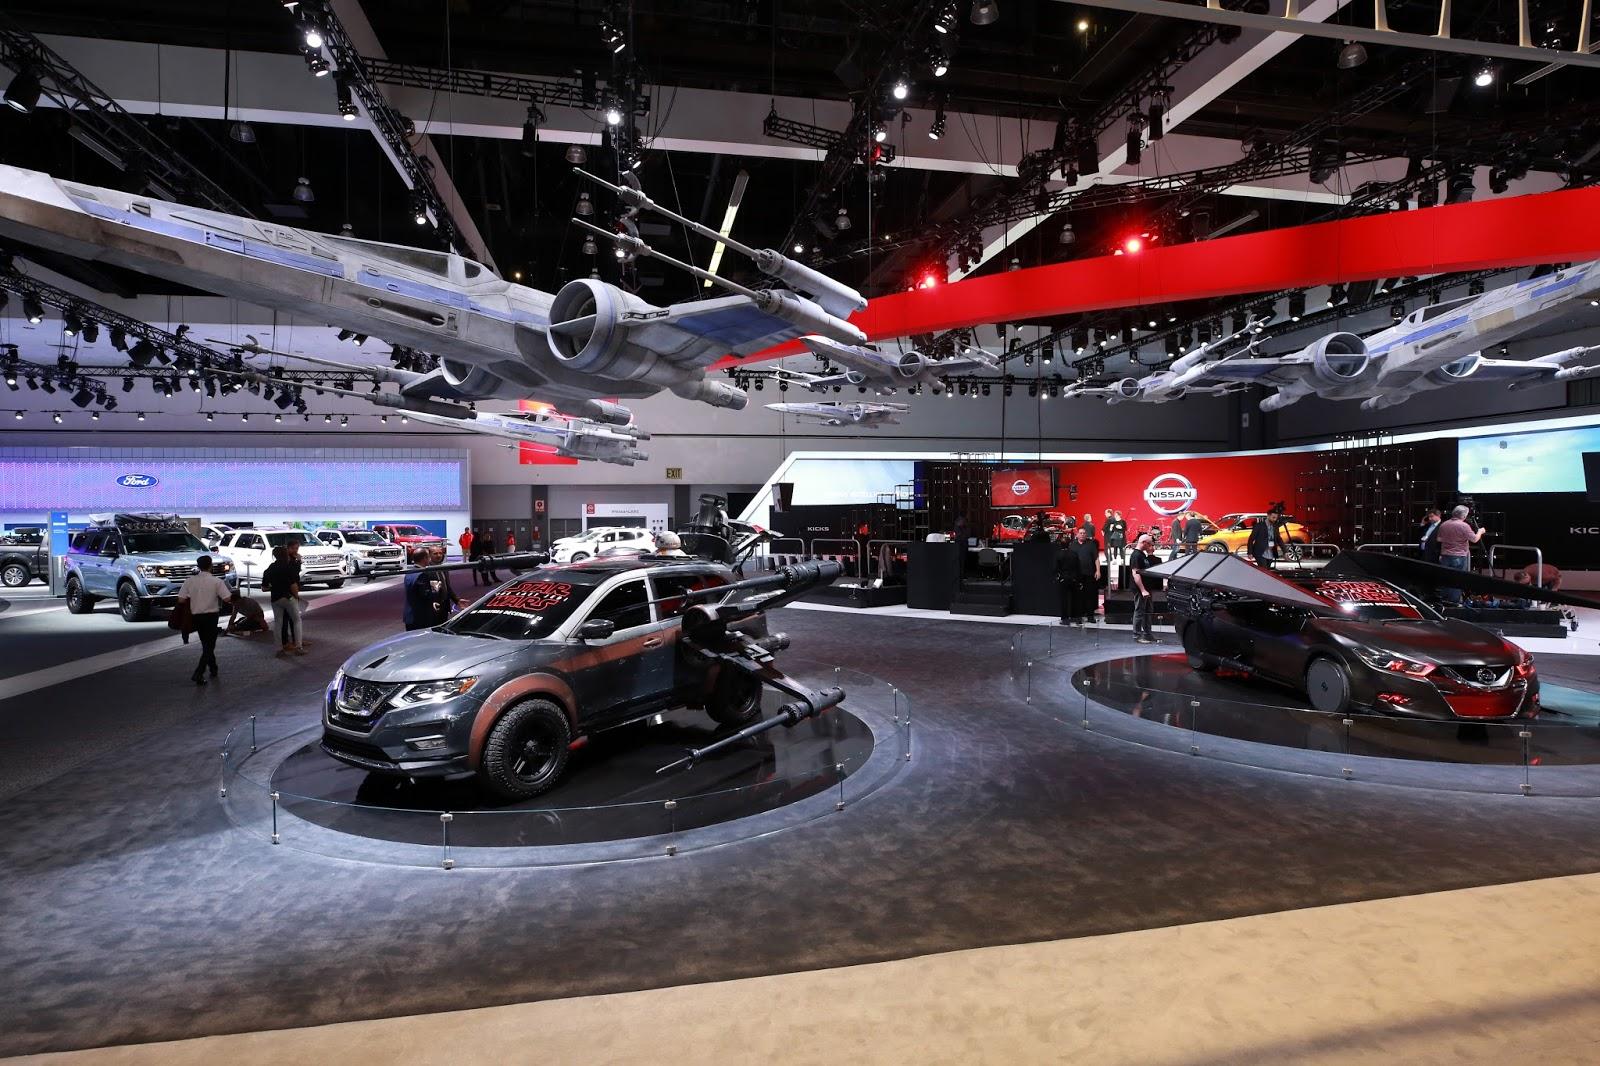 A Nissan Continua Impulsionando A Inovação, A Tecnologia E A Emoção Com Sua  Parceria Com A Saga Star Wars Na Edição Deste Ano Do Salão Do Automóvel De  Los ...